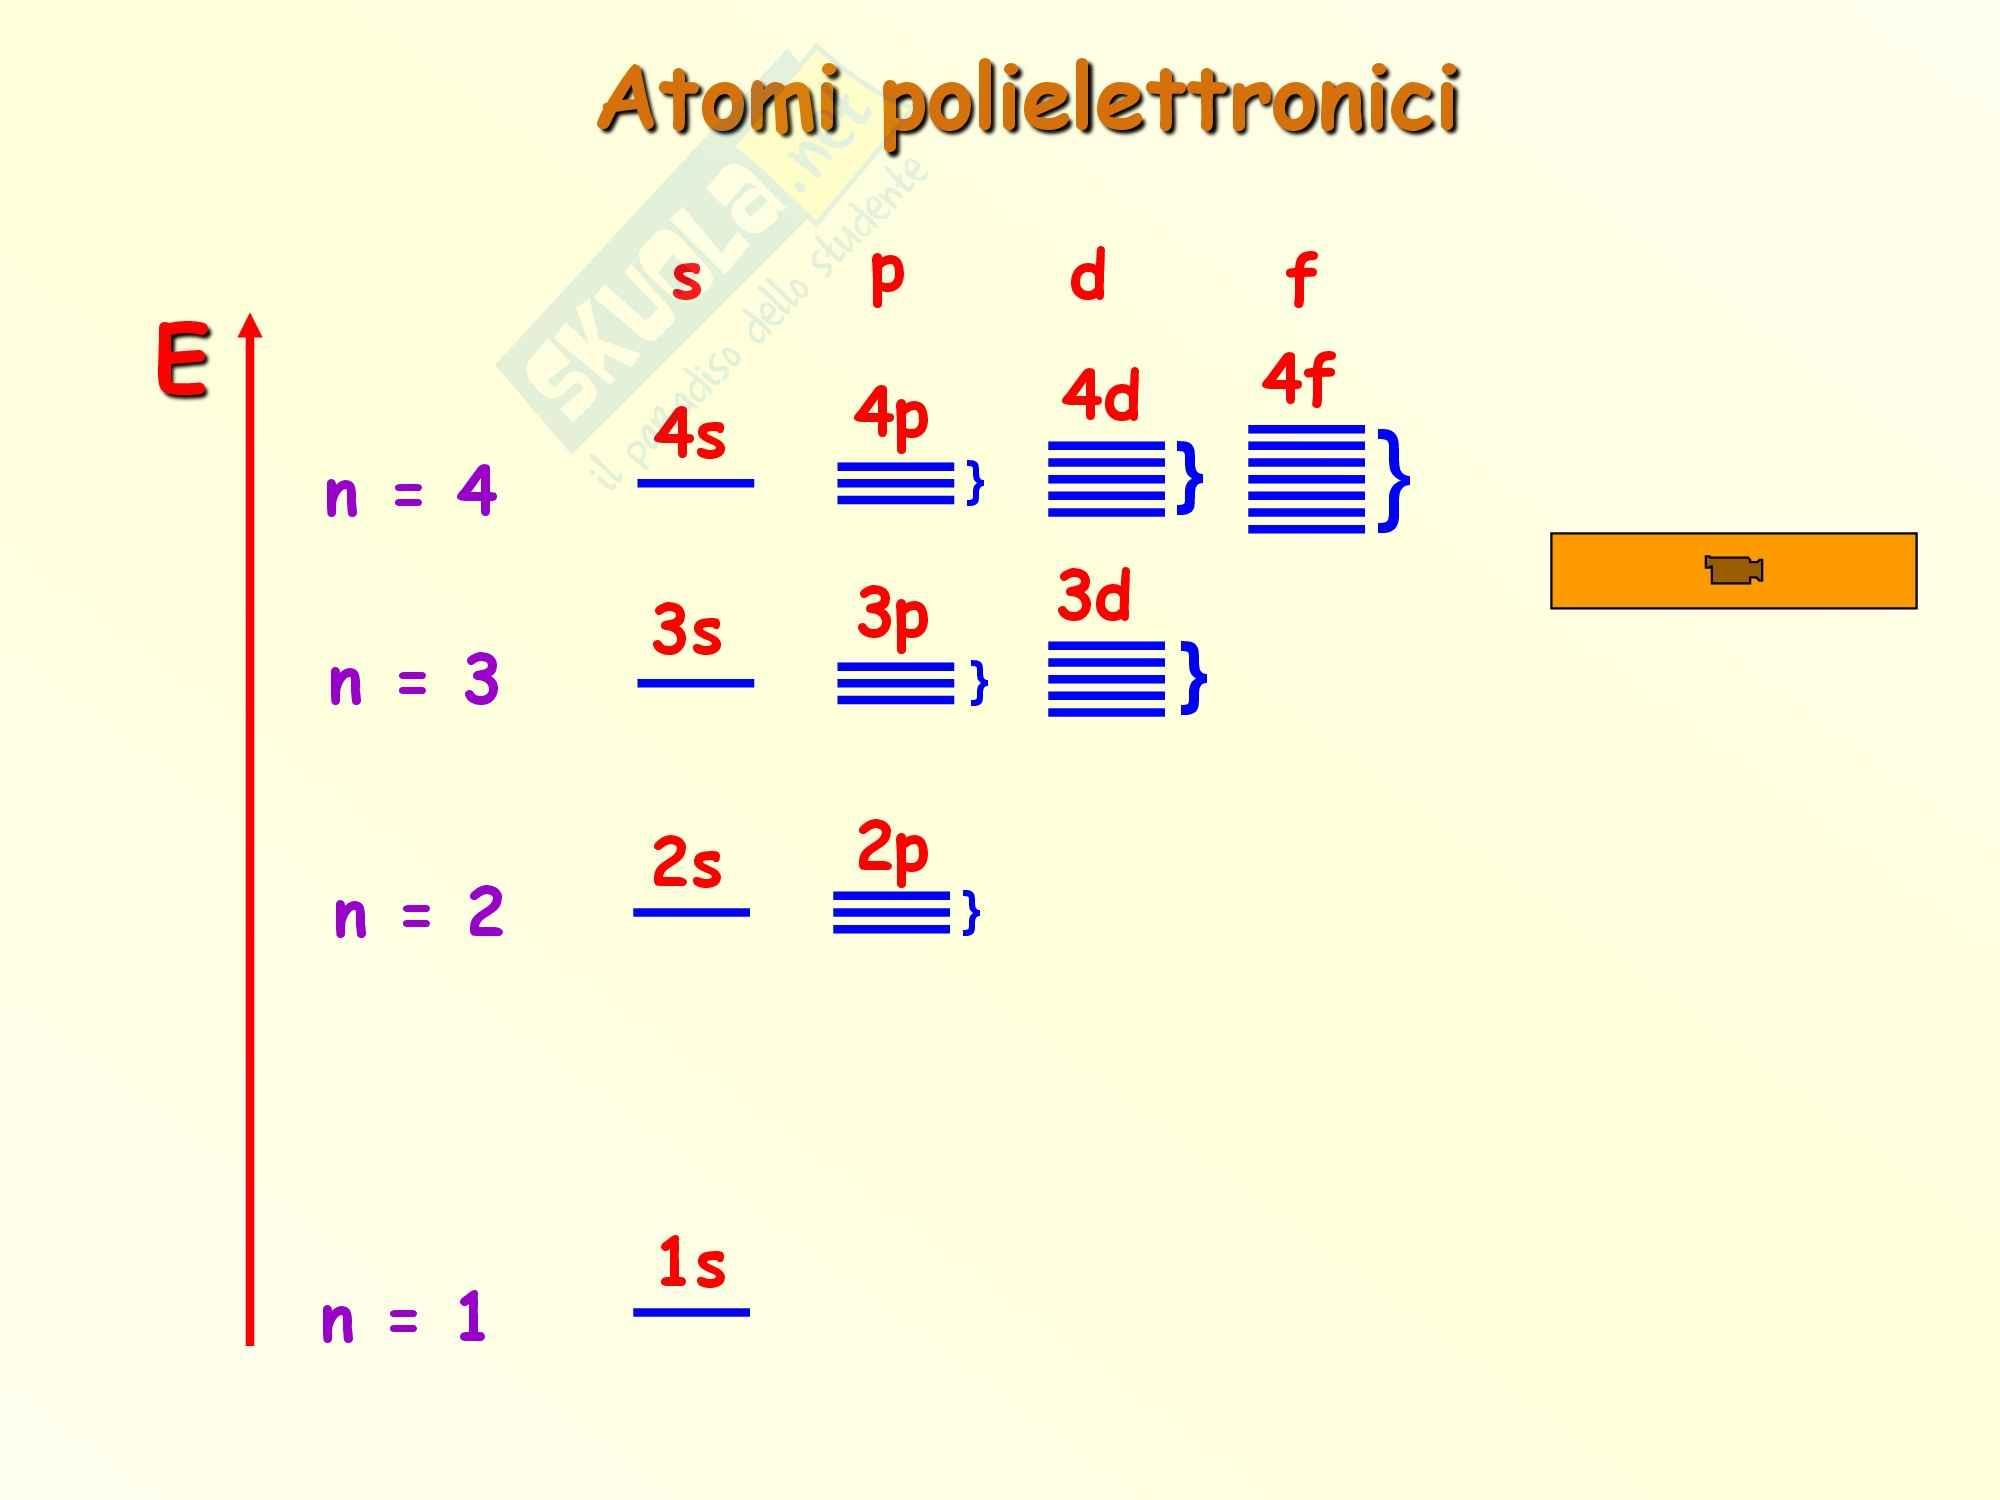 Chimica inorganica - regole di riempimento degli orbitali Pag. 2